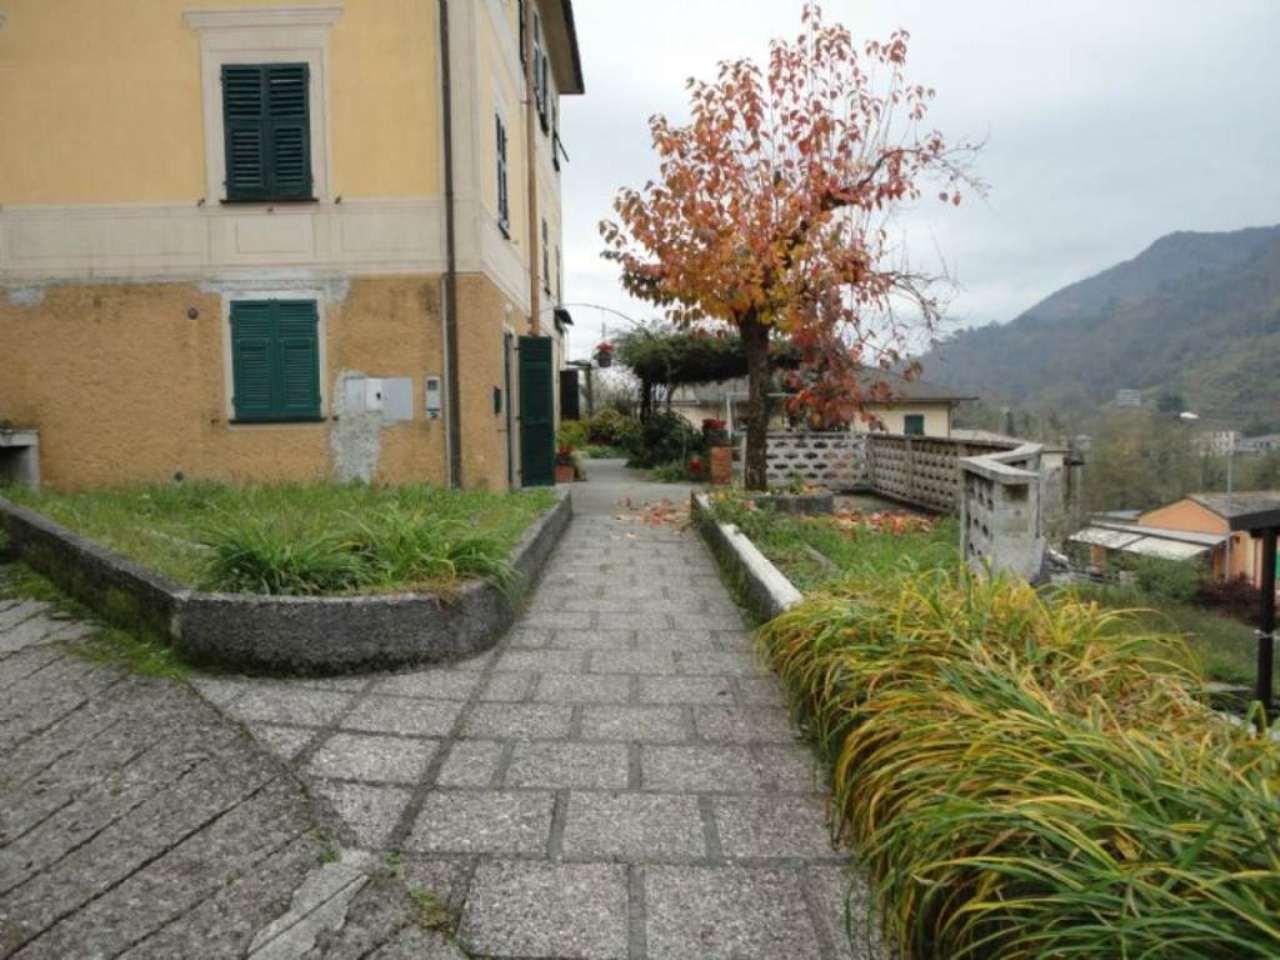 Appartamento in vendita a San Colombano Certenoli, 3 locali, prezzo € 79.000 | Cambio Casa.it